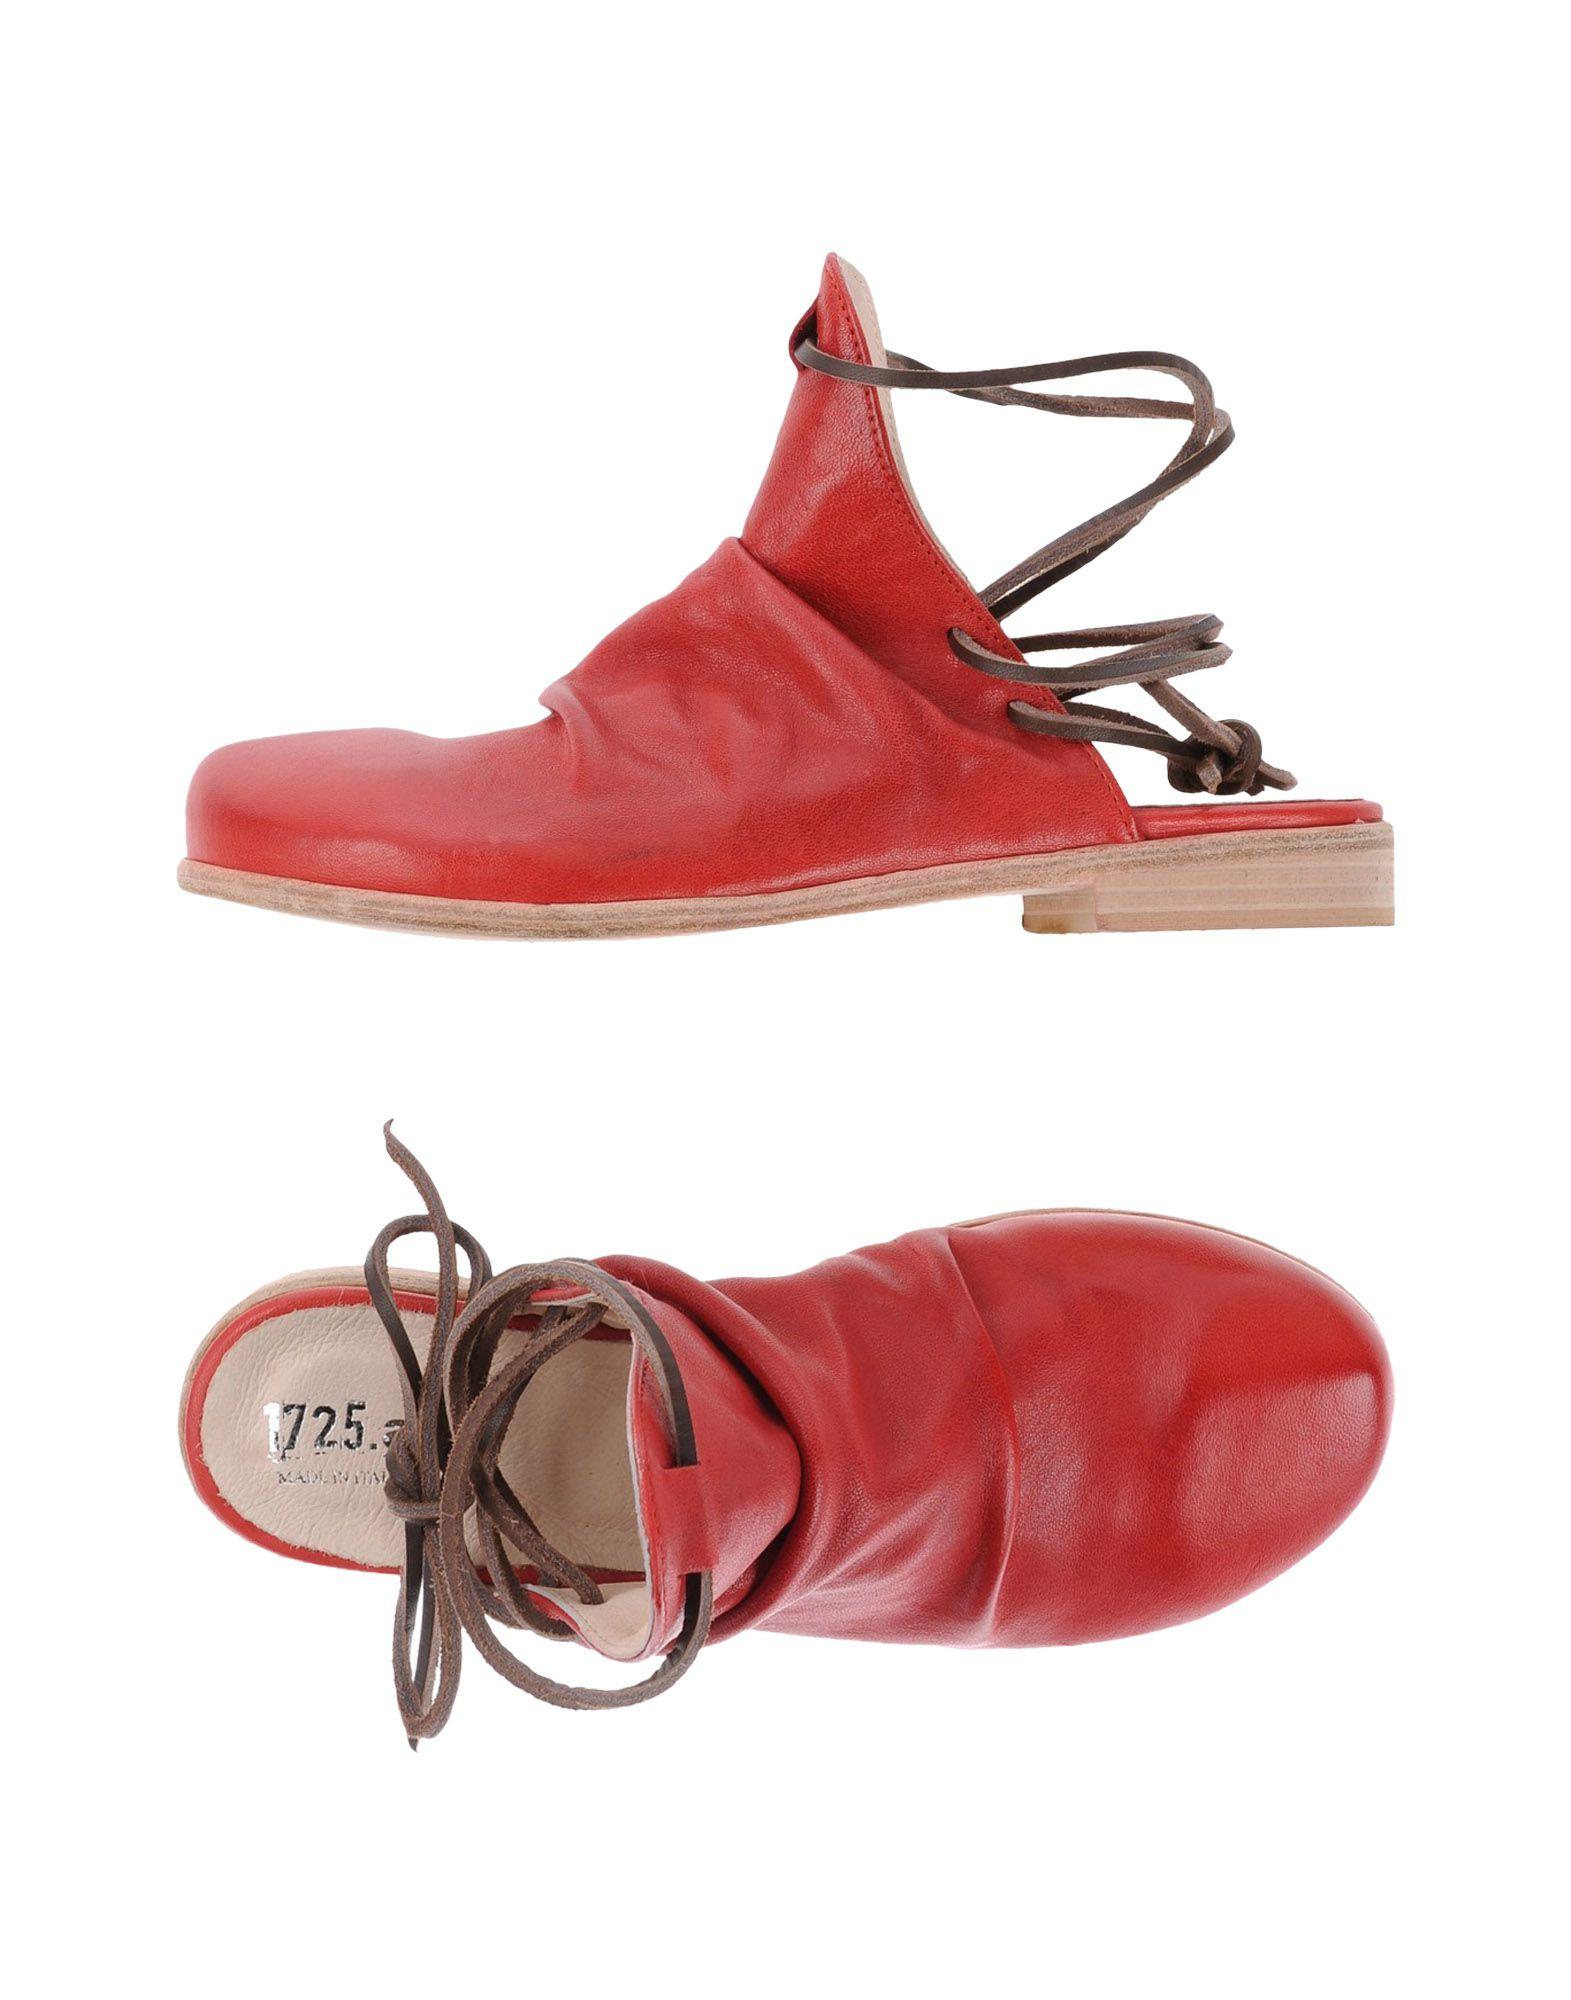 1725.A Damen Mules & Clogs Farbe Rot Größe 9 jetztbilligerkaufen